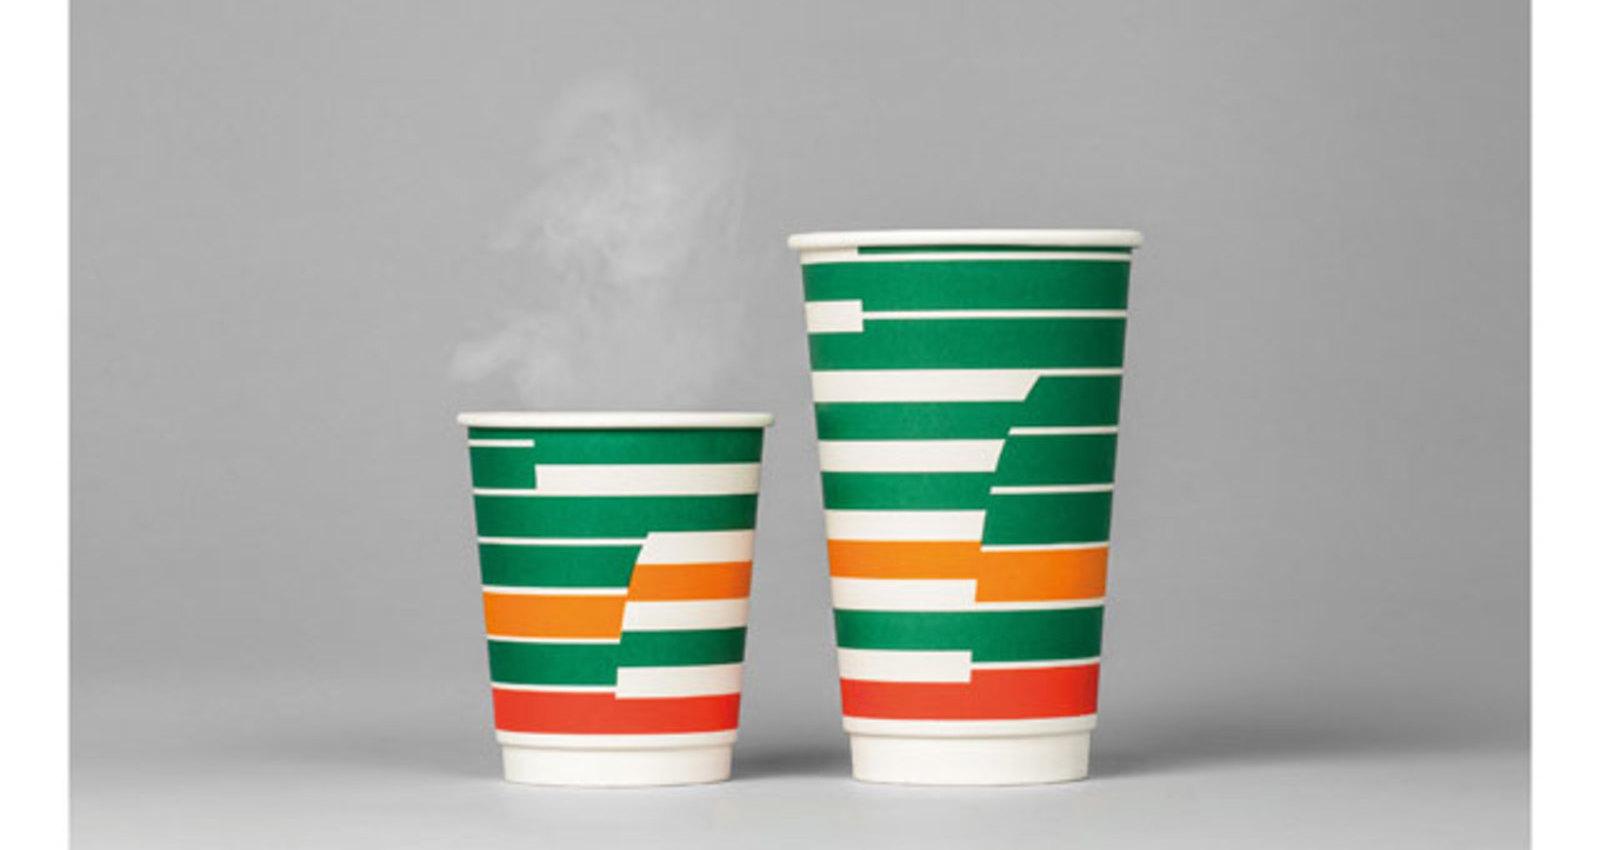 7-Eleven Coffee Concept